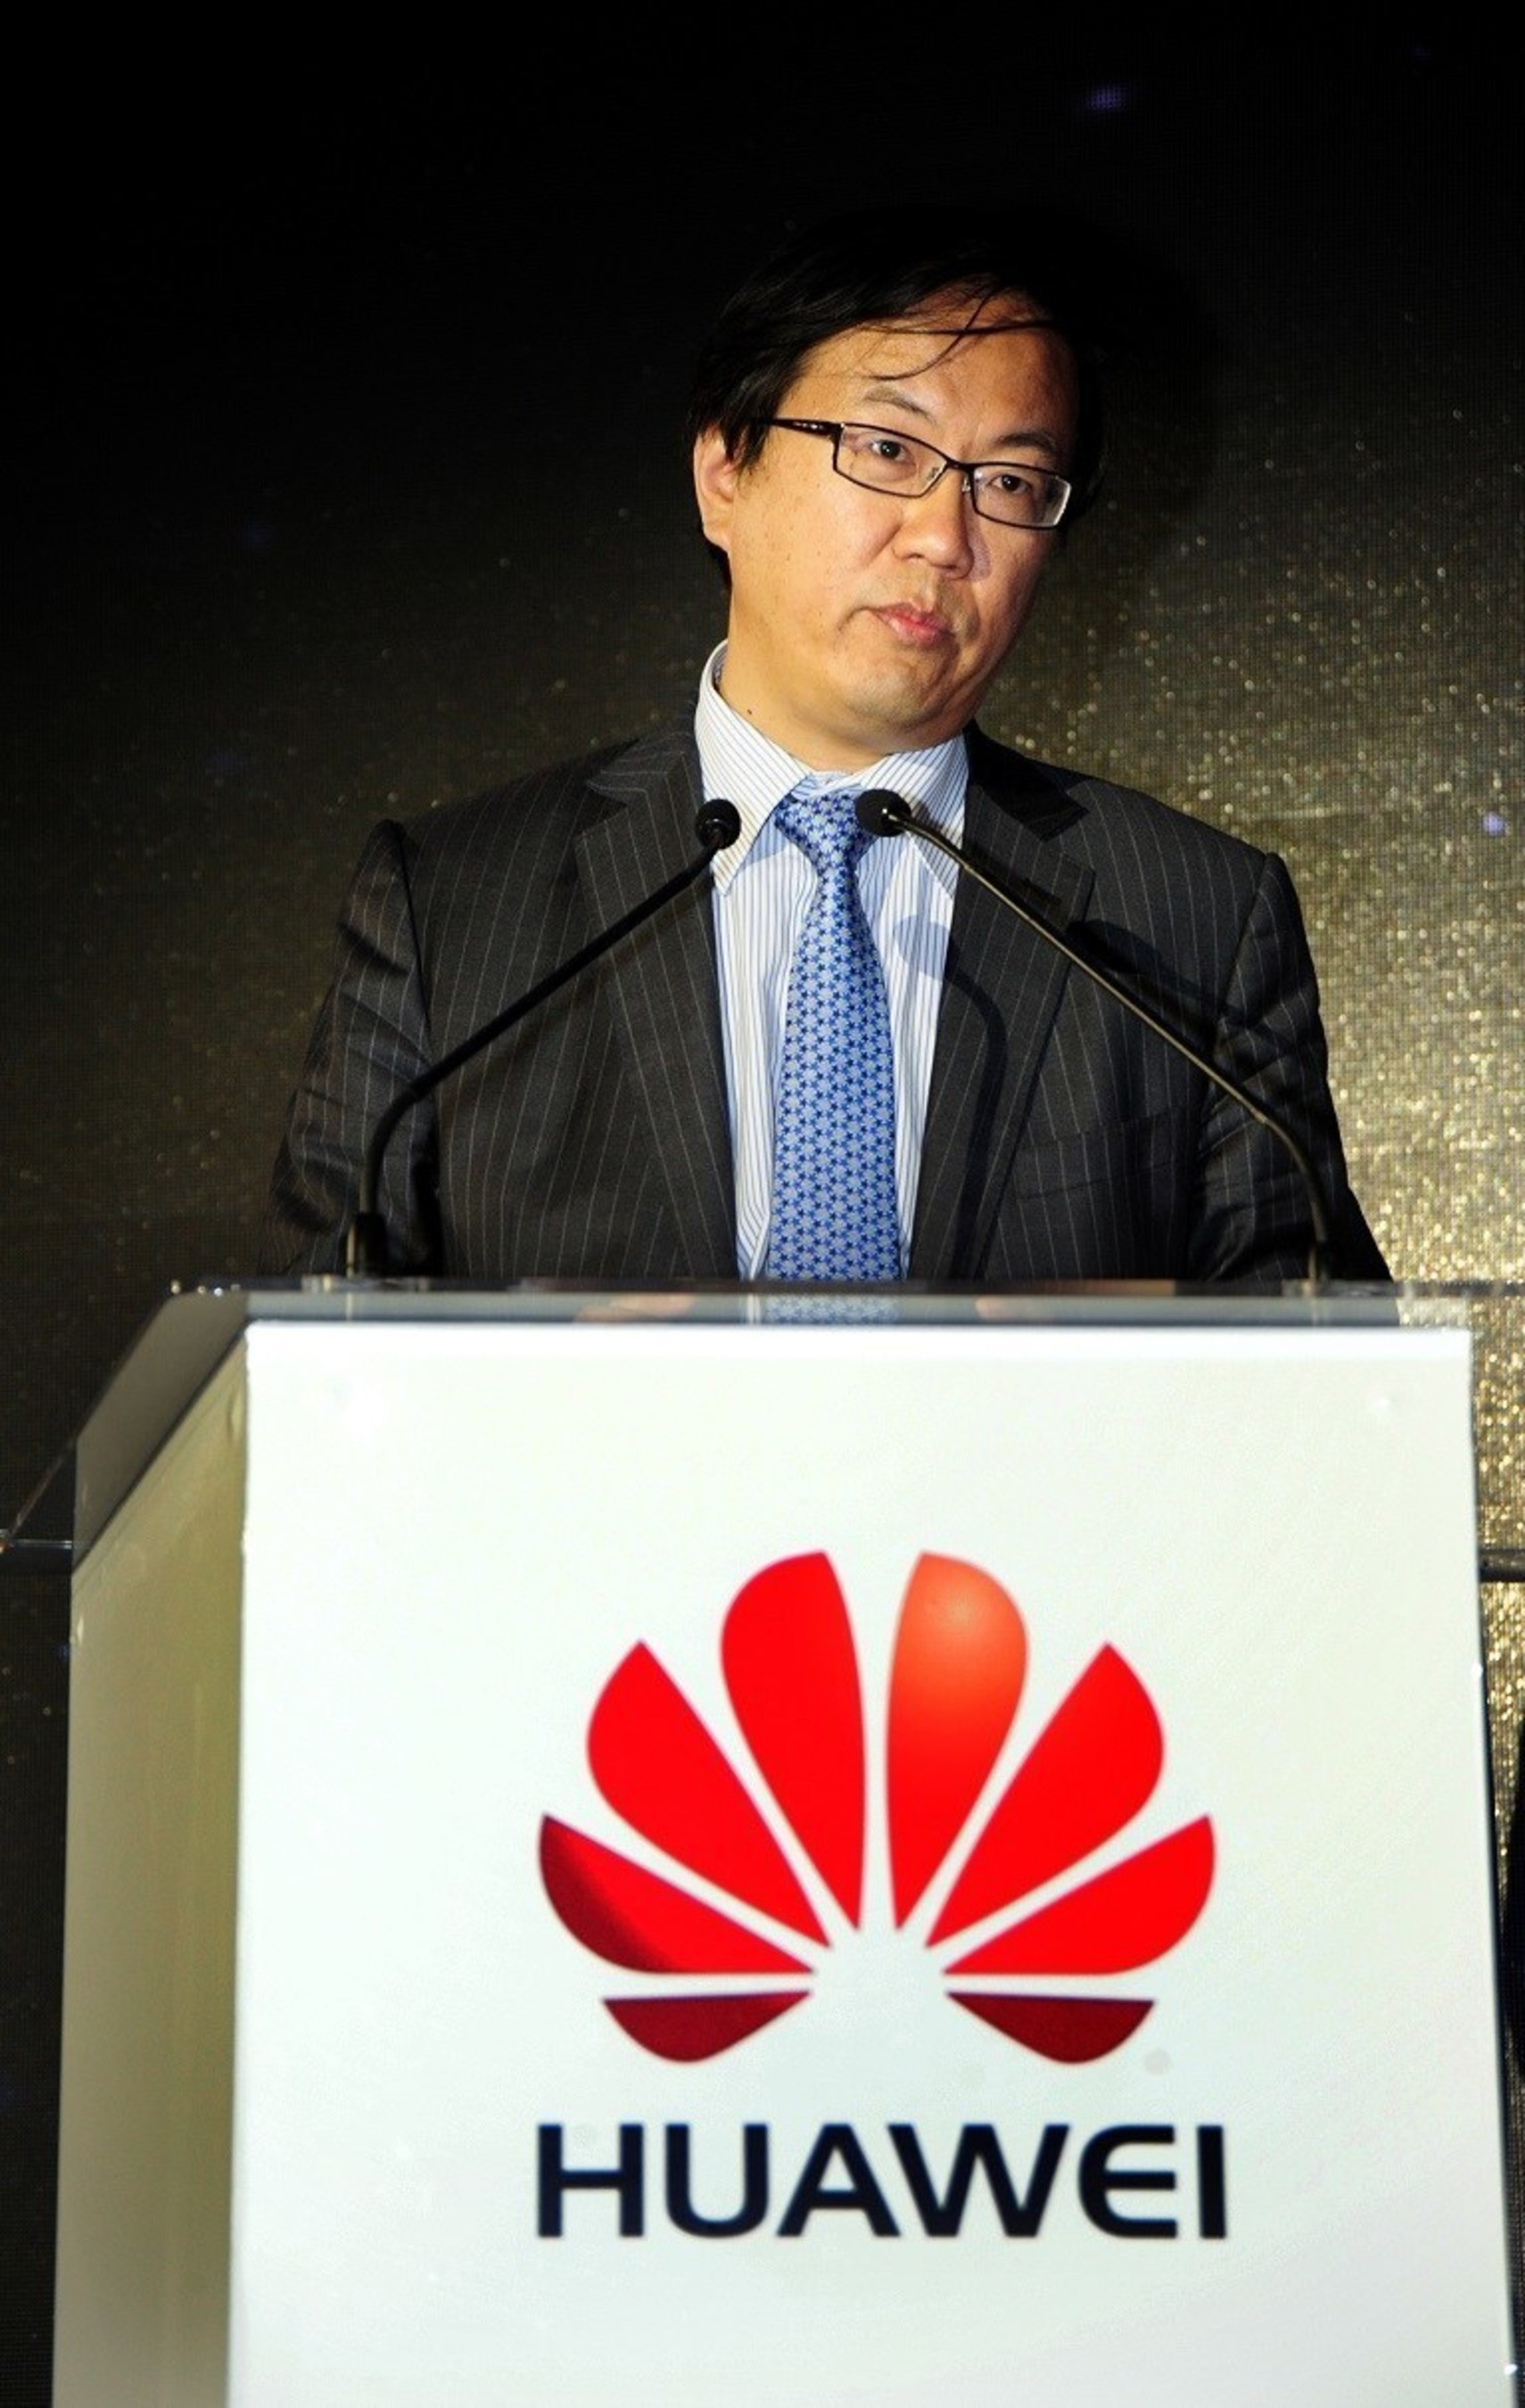 Huawei organise le « Sommet ouvert des télécoms numériques » lors du congrès TM Forum Live! 2015